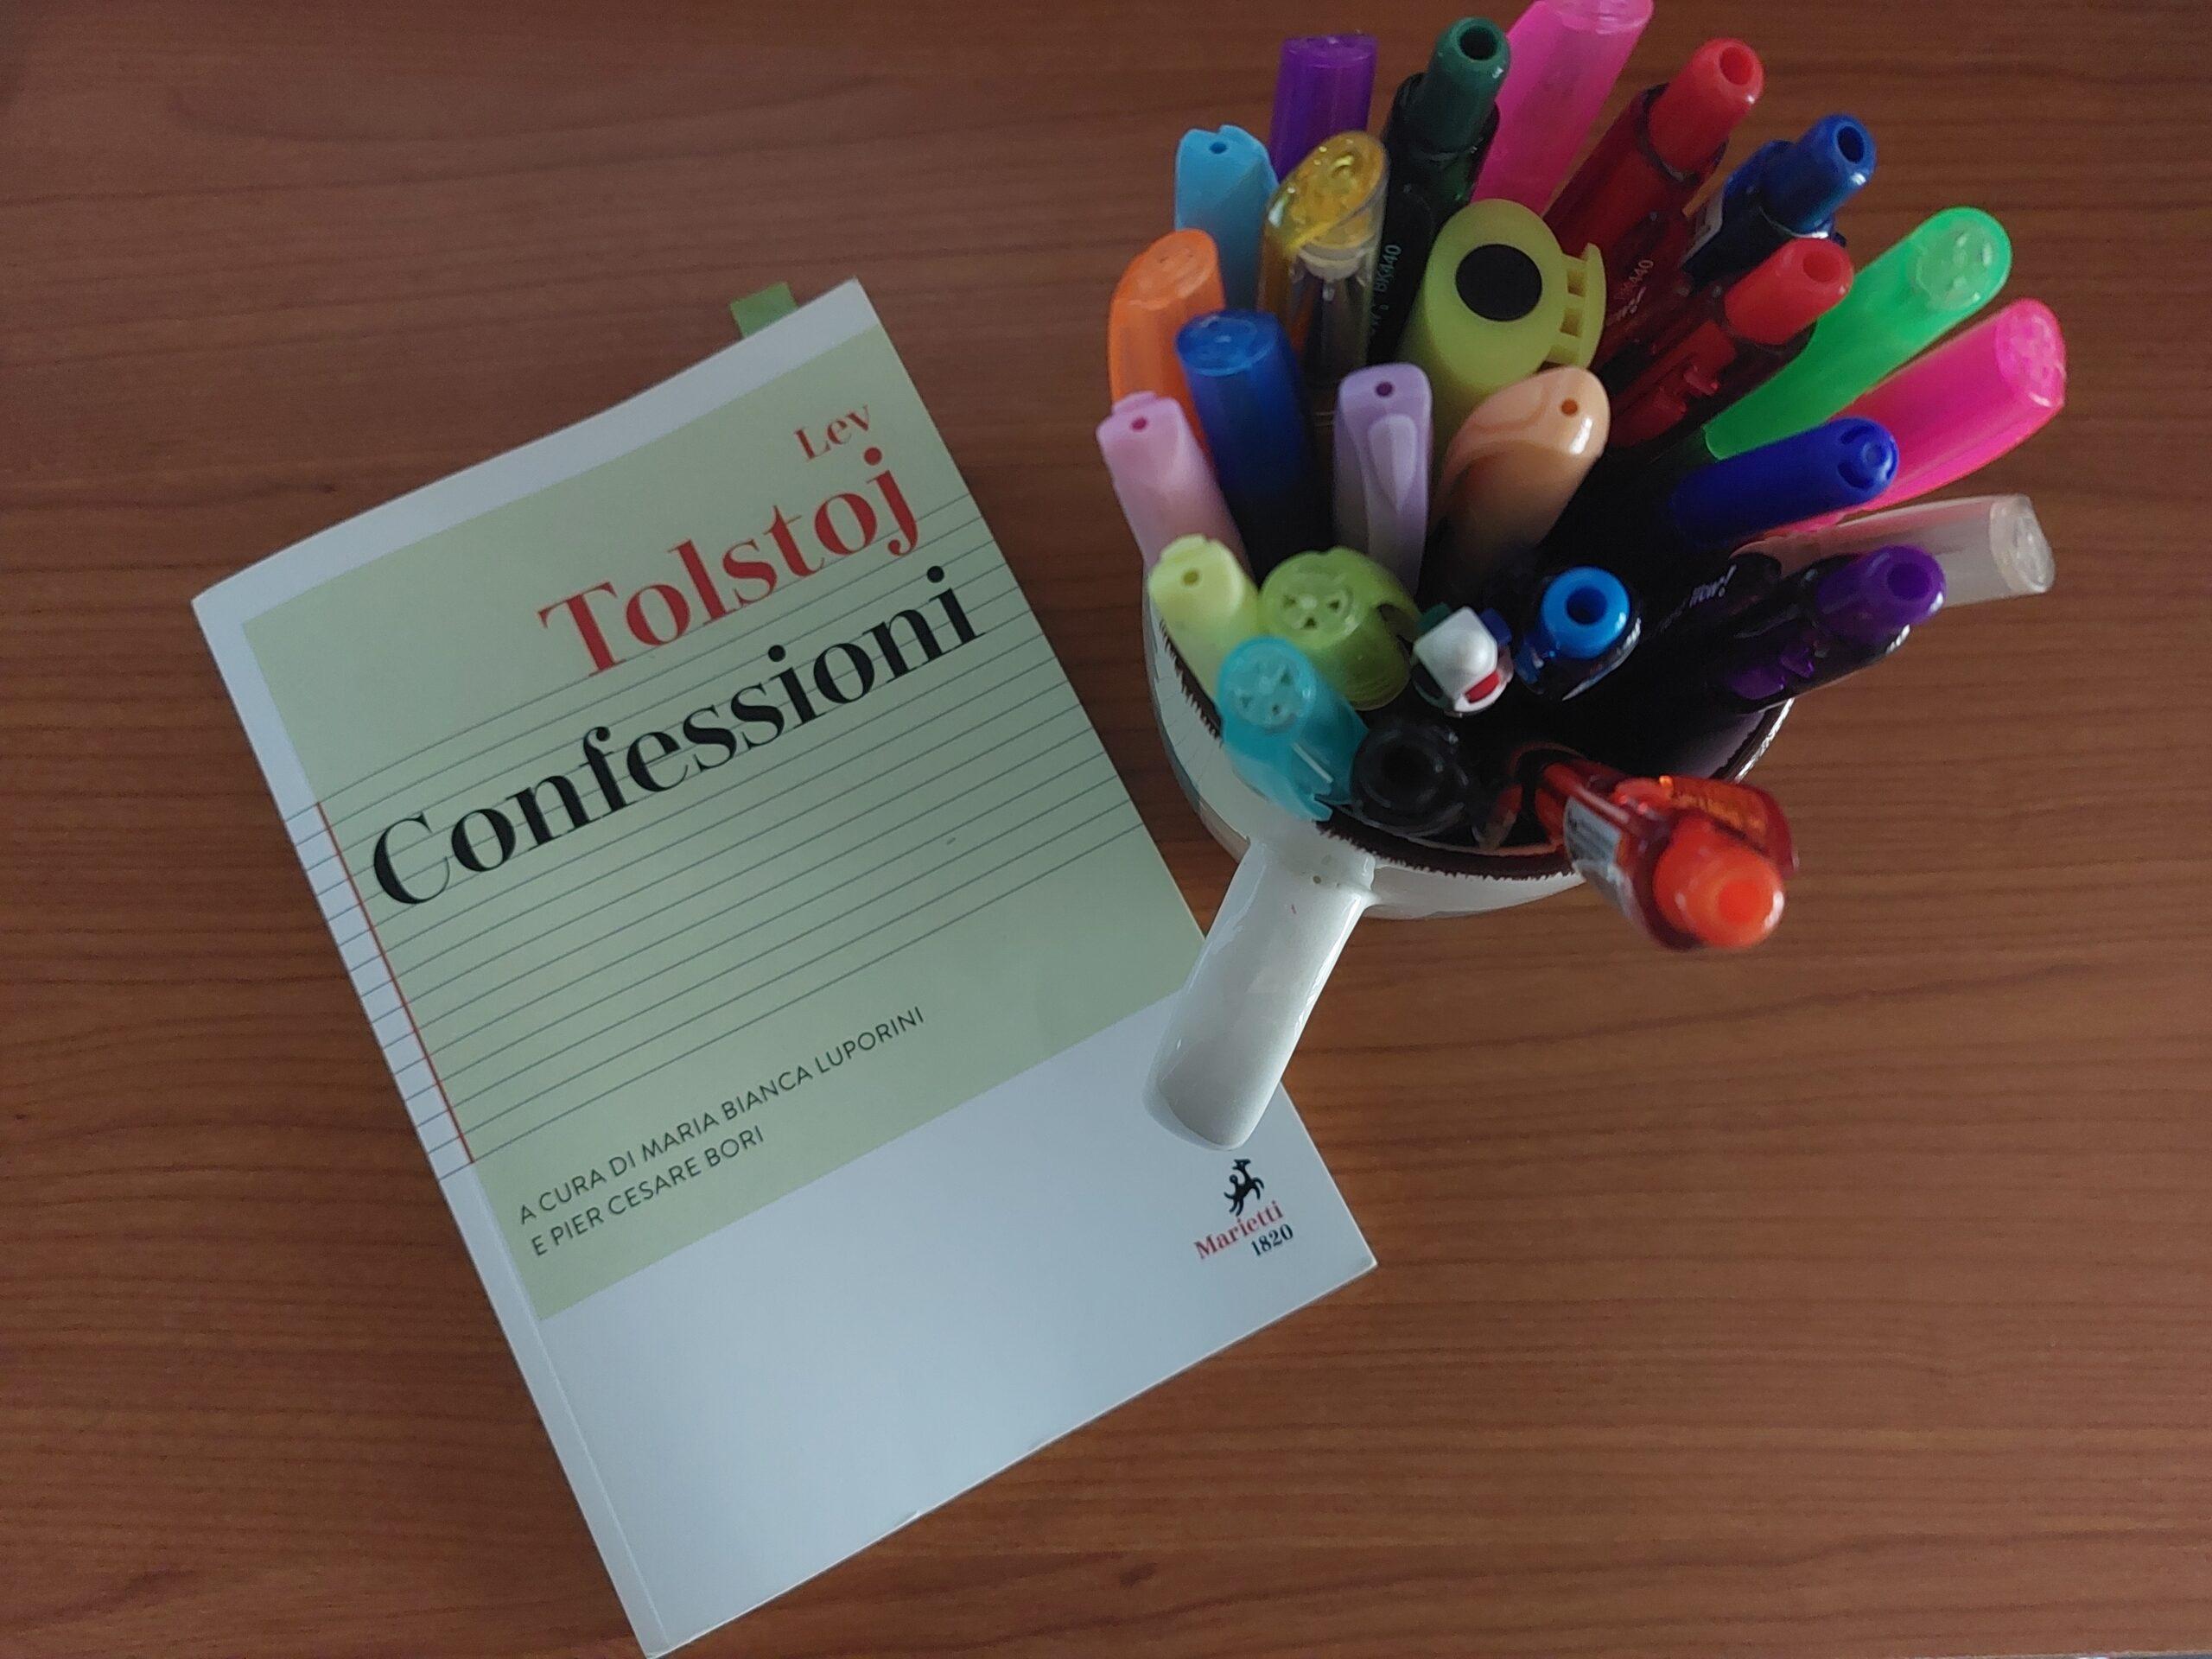 Confessioni di Tolstoj